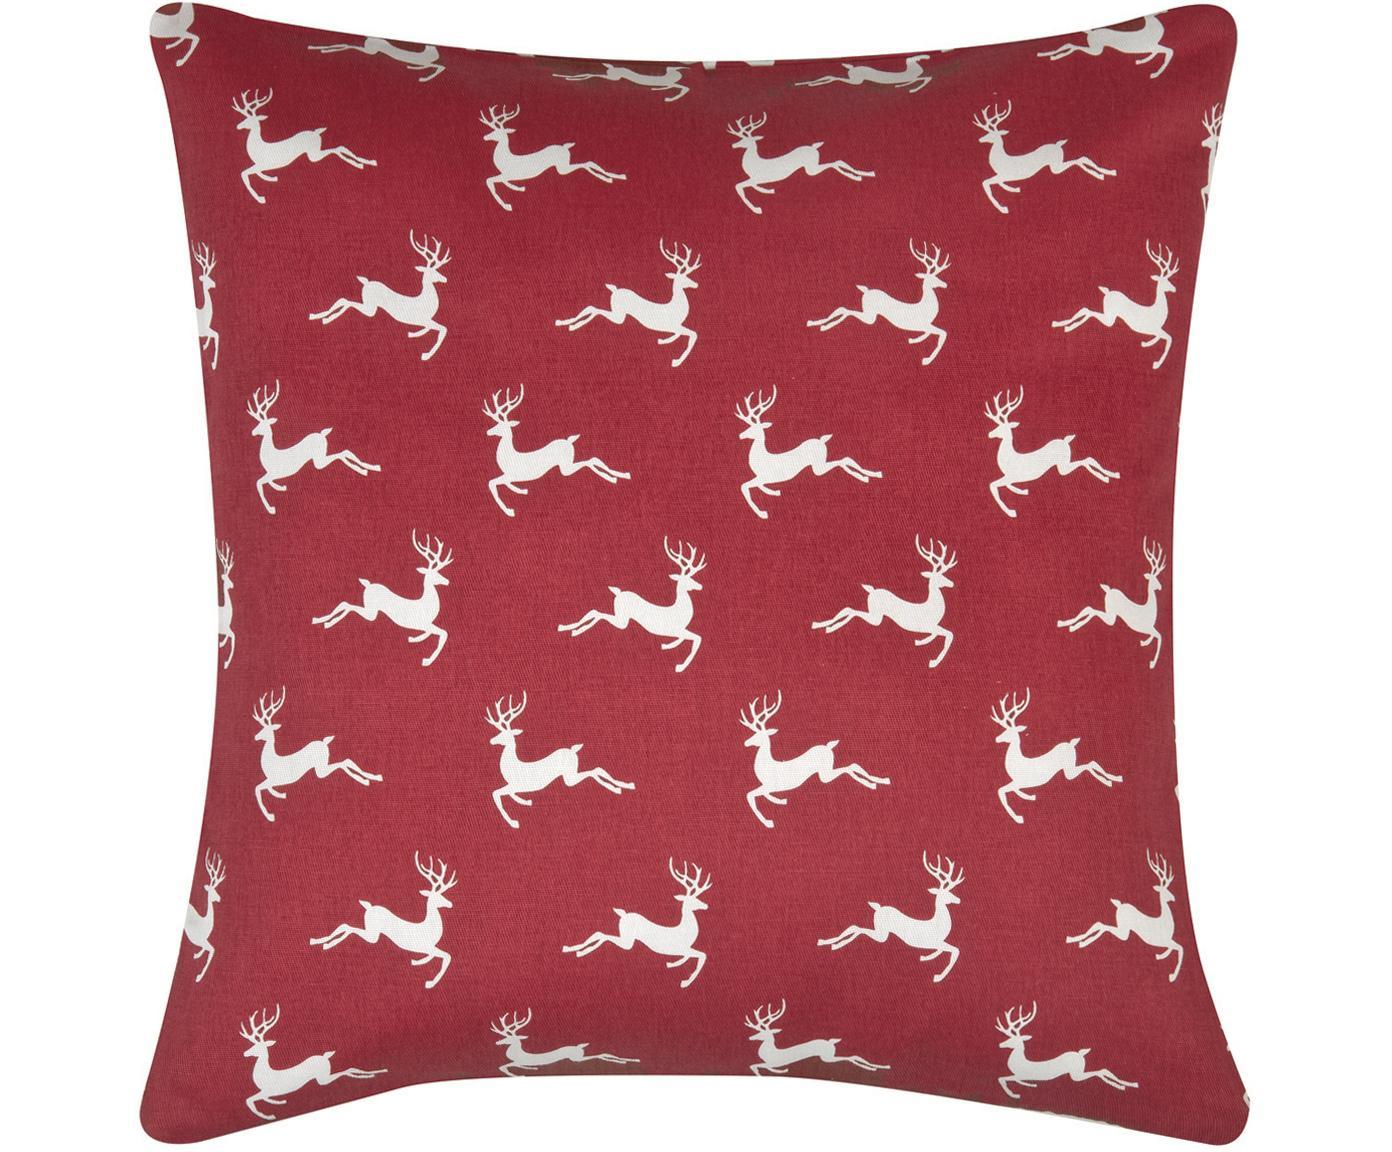 Poszewka na poduszkę Deers, 100% bawełna, splot panama, Ciemny czerwony, beżowy, S 40 x D 40 cm